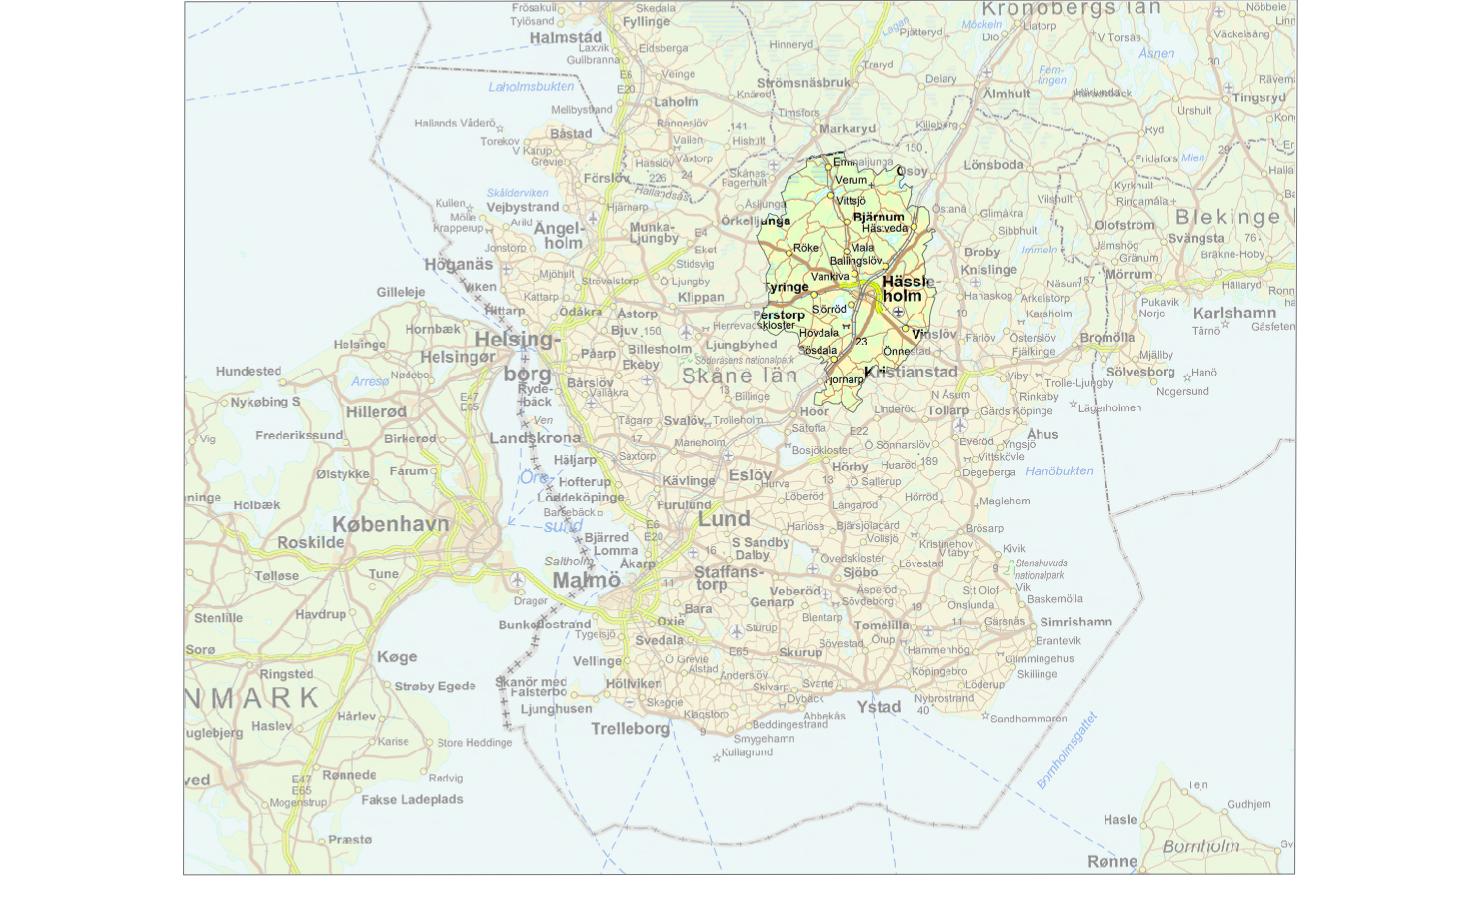 hässleholms kommun karta